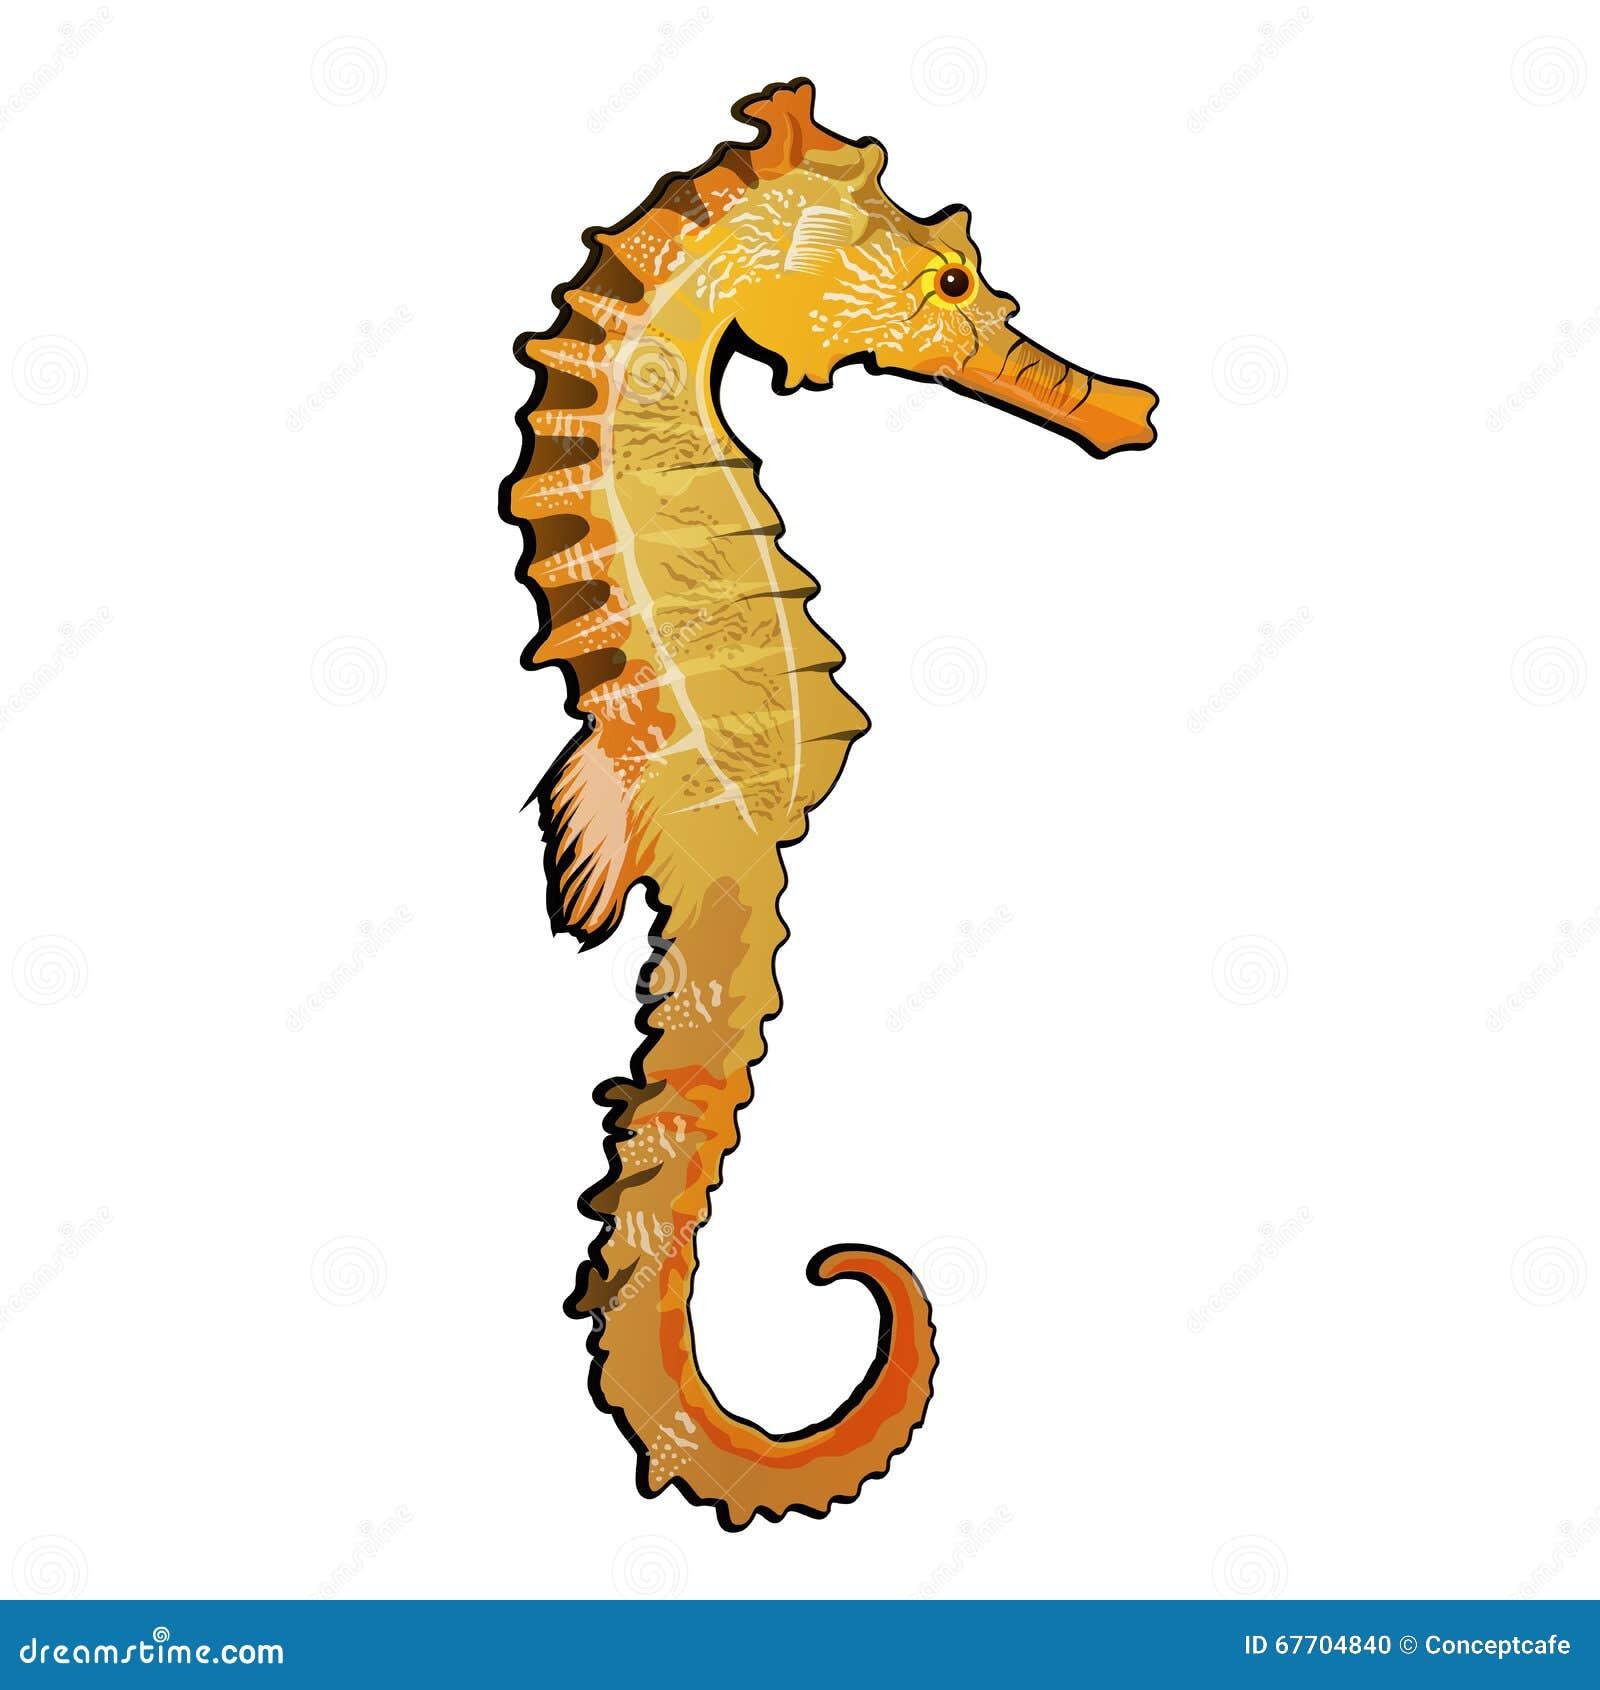 Illustrazione del cavalluccio marino illustrazione for Immagini cavalluccio marino